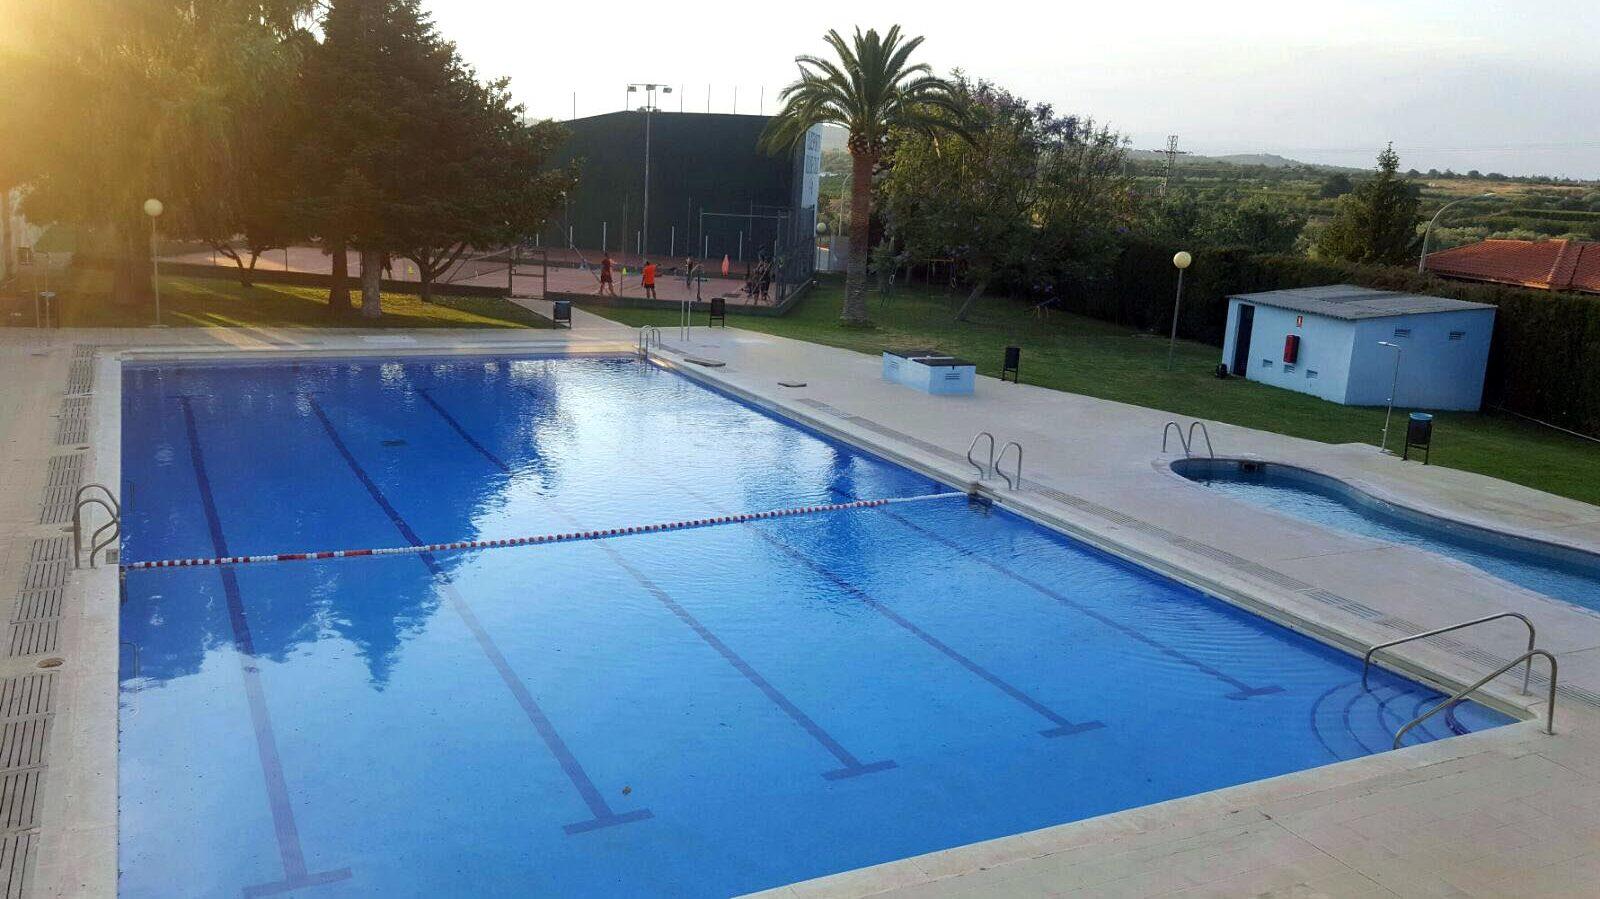 El Ple de Càlig aprova la dotació de fons per a rehabilitar la piscina municipal